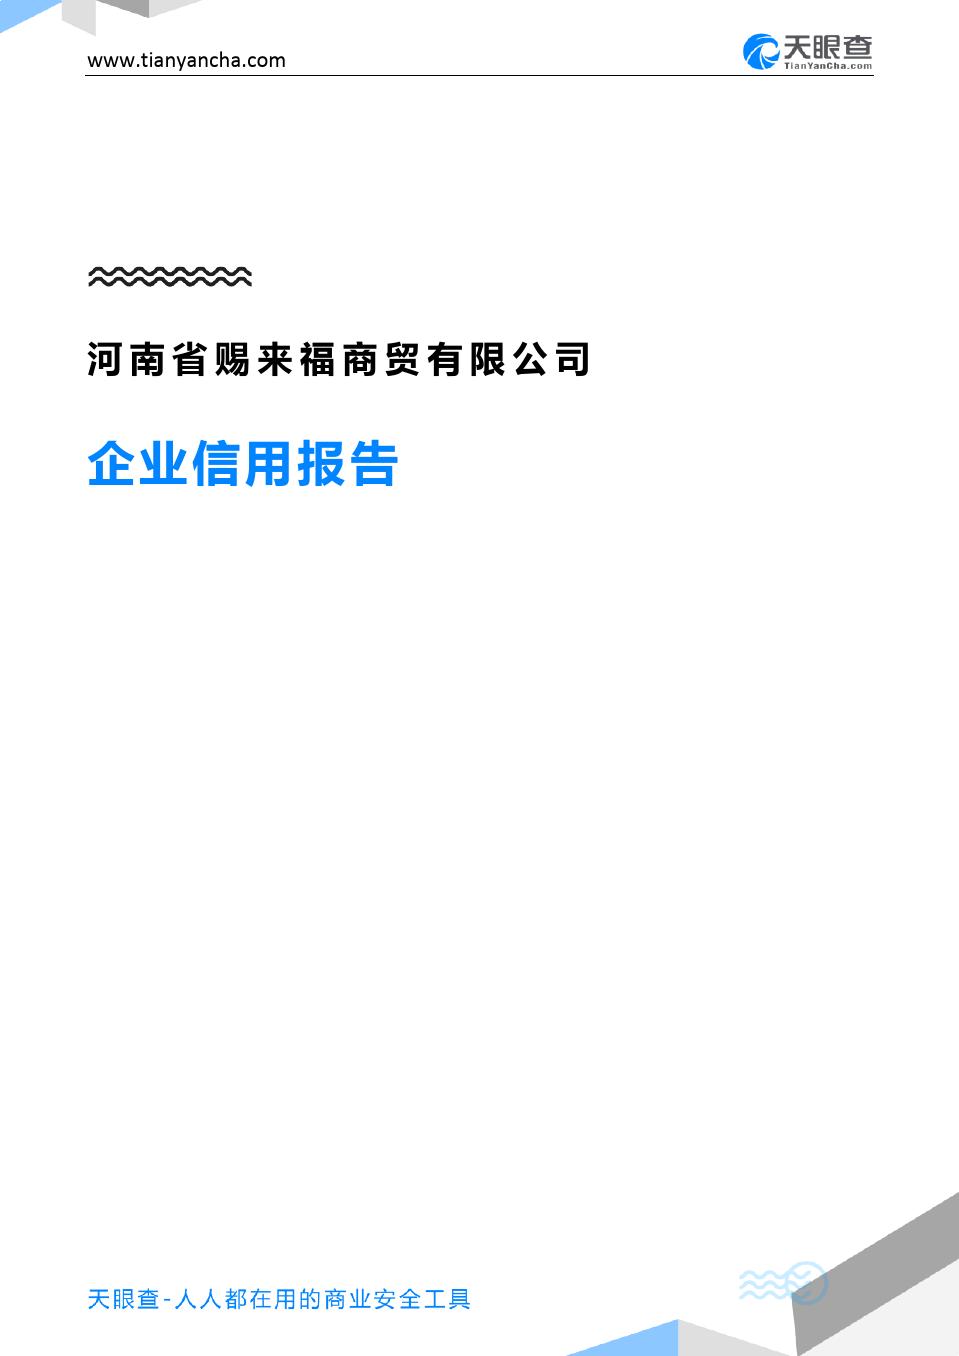 河南省赐来福商贸有限公司(企业信用报告)- 天眼查